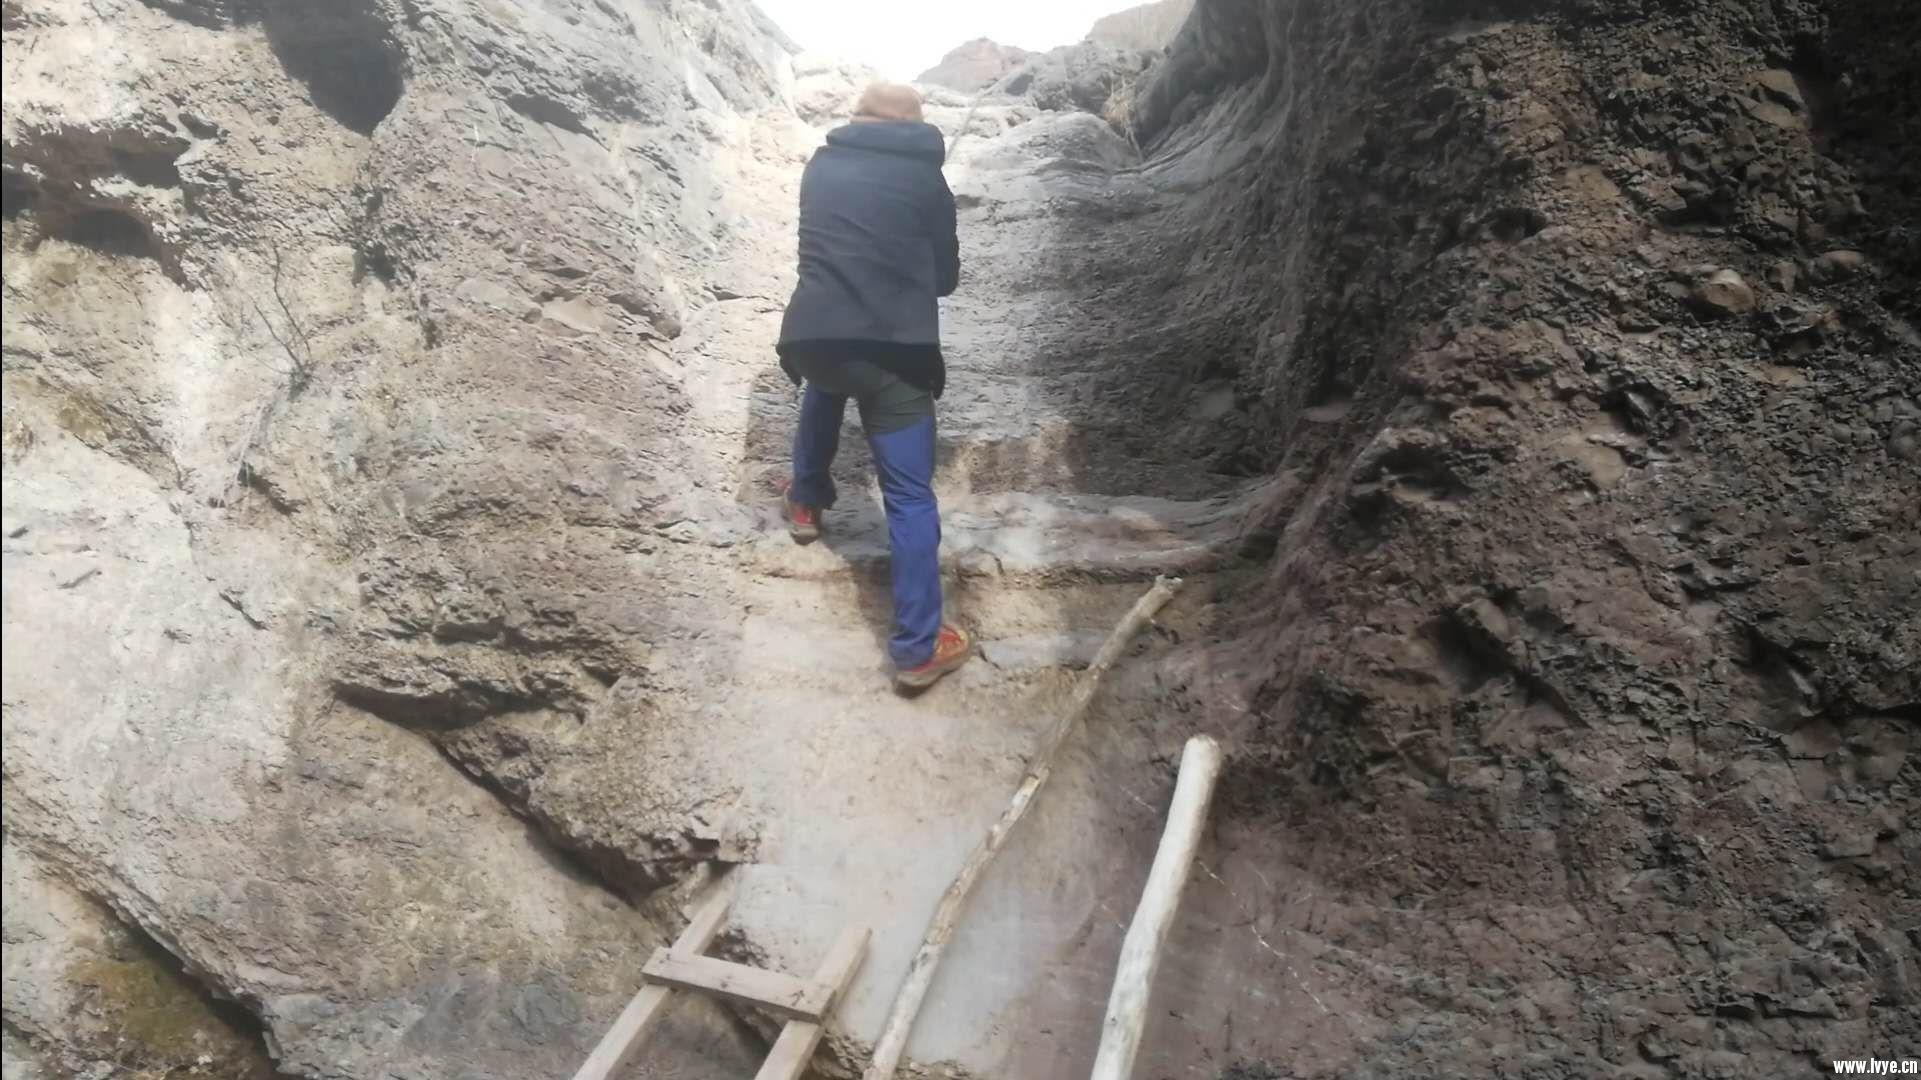 登峭壁3.jpg